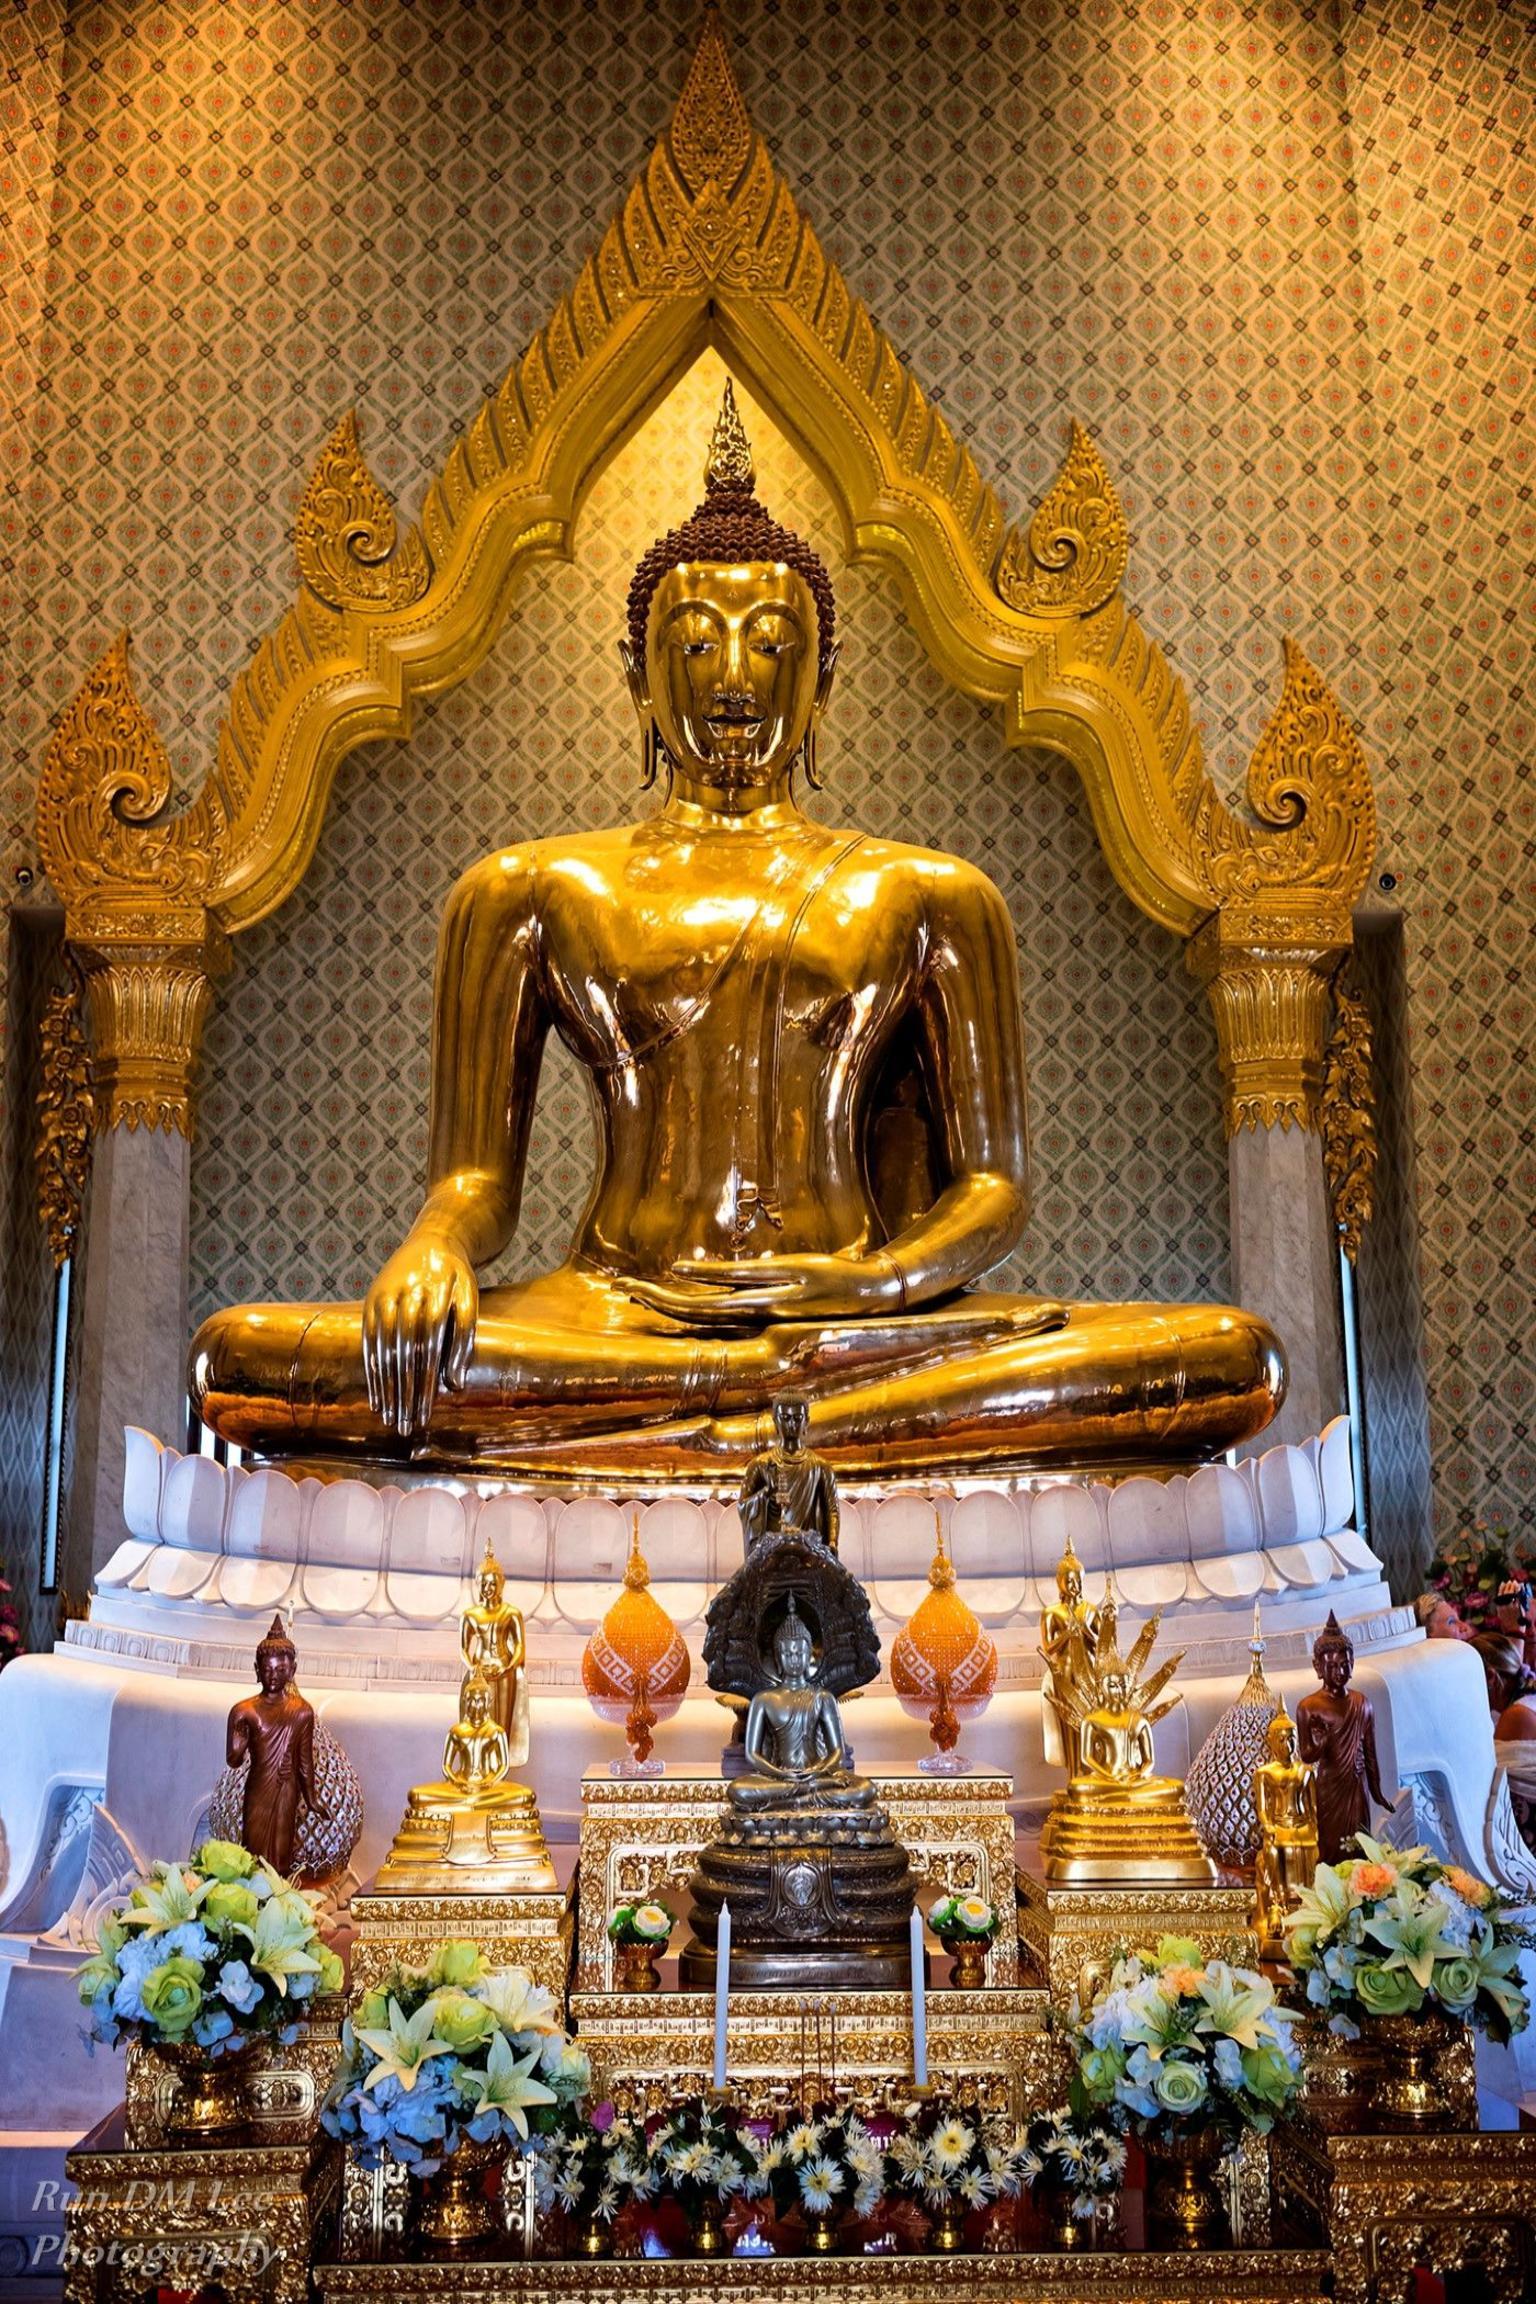 MAIS FOTOS, Excursão aos Templos de Bangcoc incluindo o Buda Curvado em Wat Pho